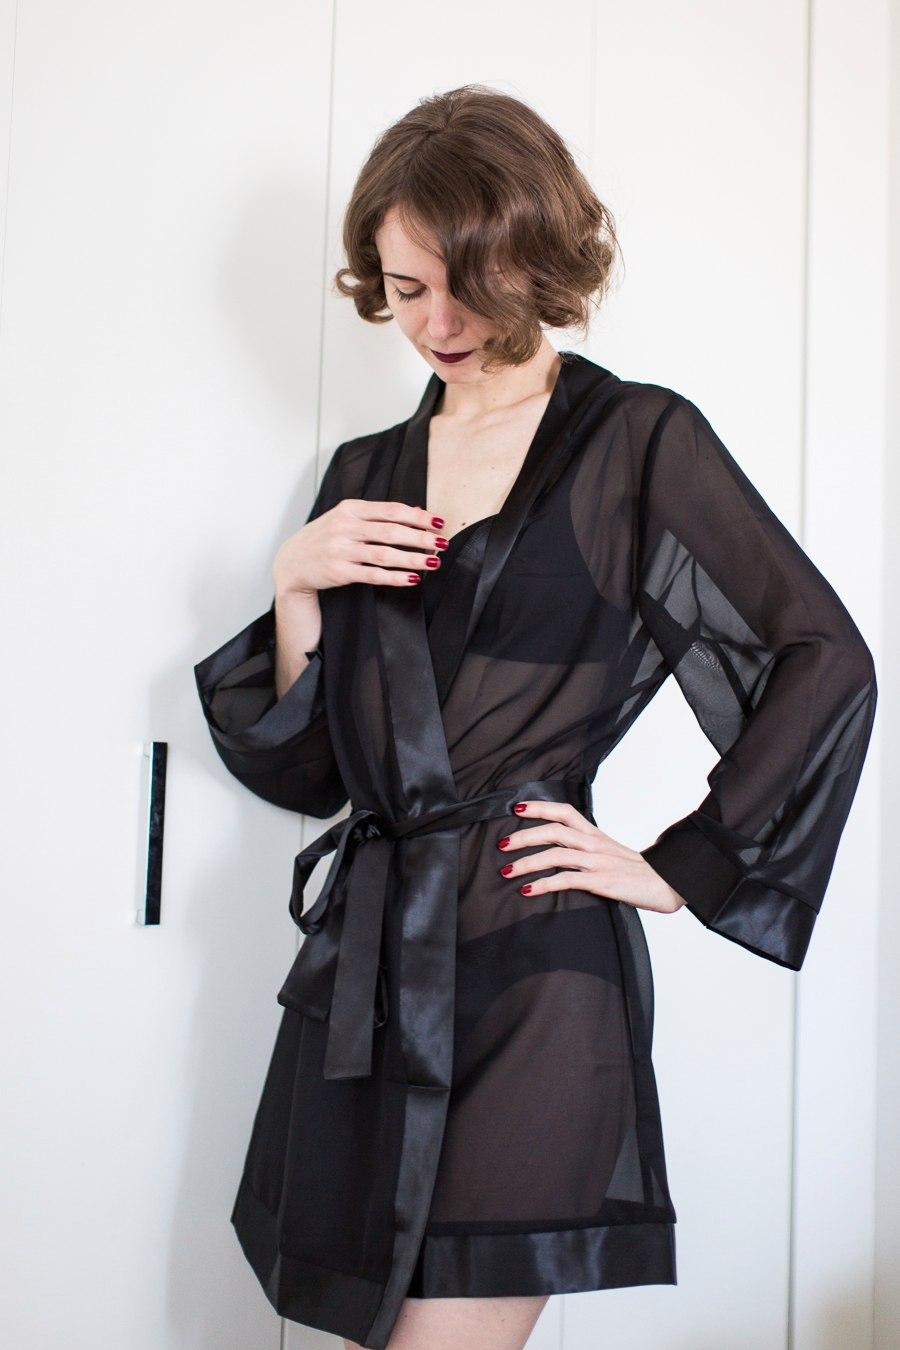 Обзор кимоно Bluebella, купленного на Asos, в комьюнити GB {Garterblog.ru}